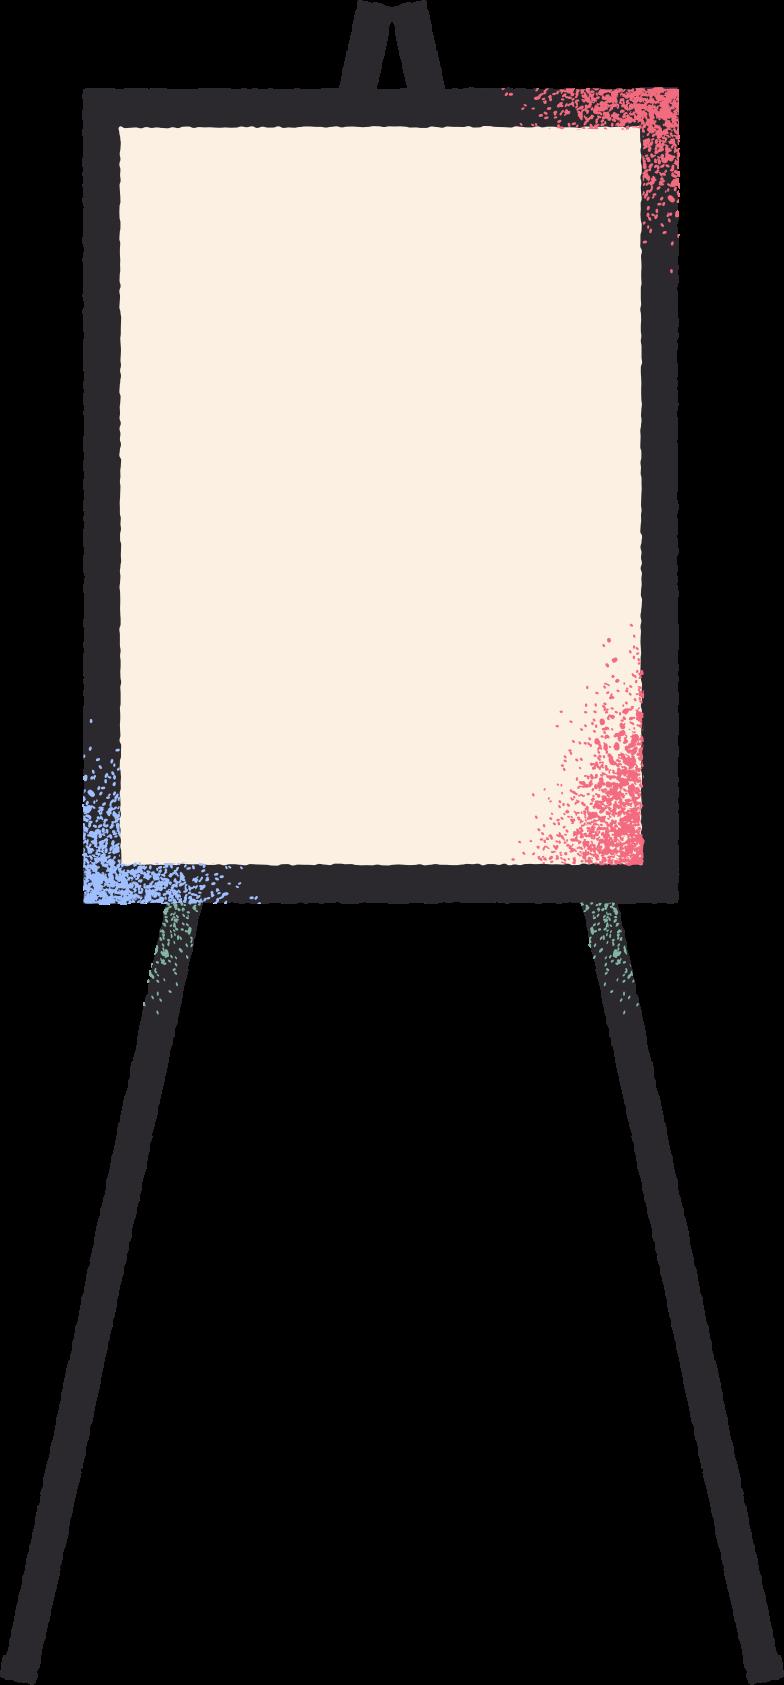 eisel Clipart illustration in PNG, SVG